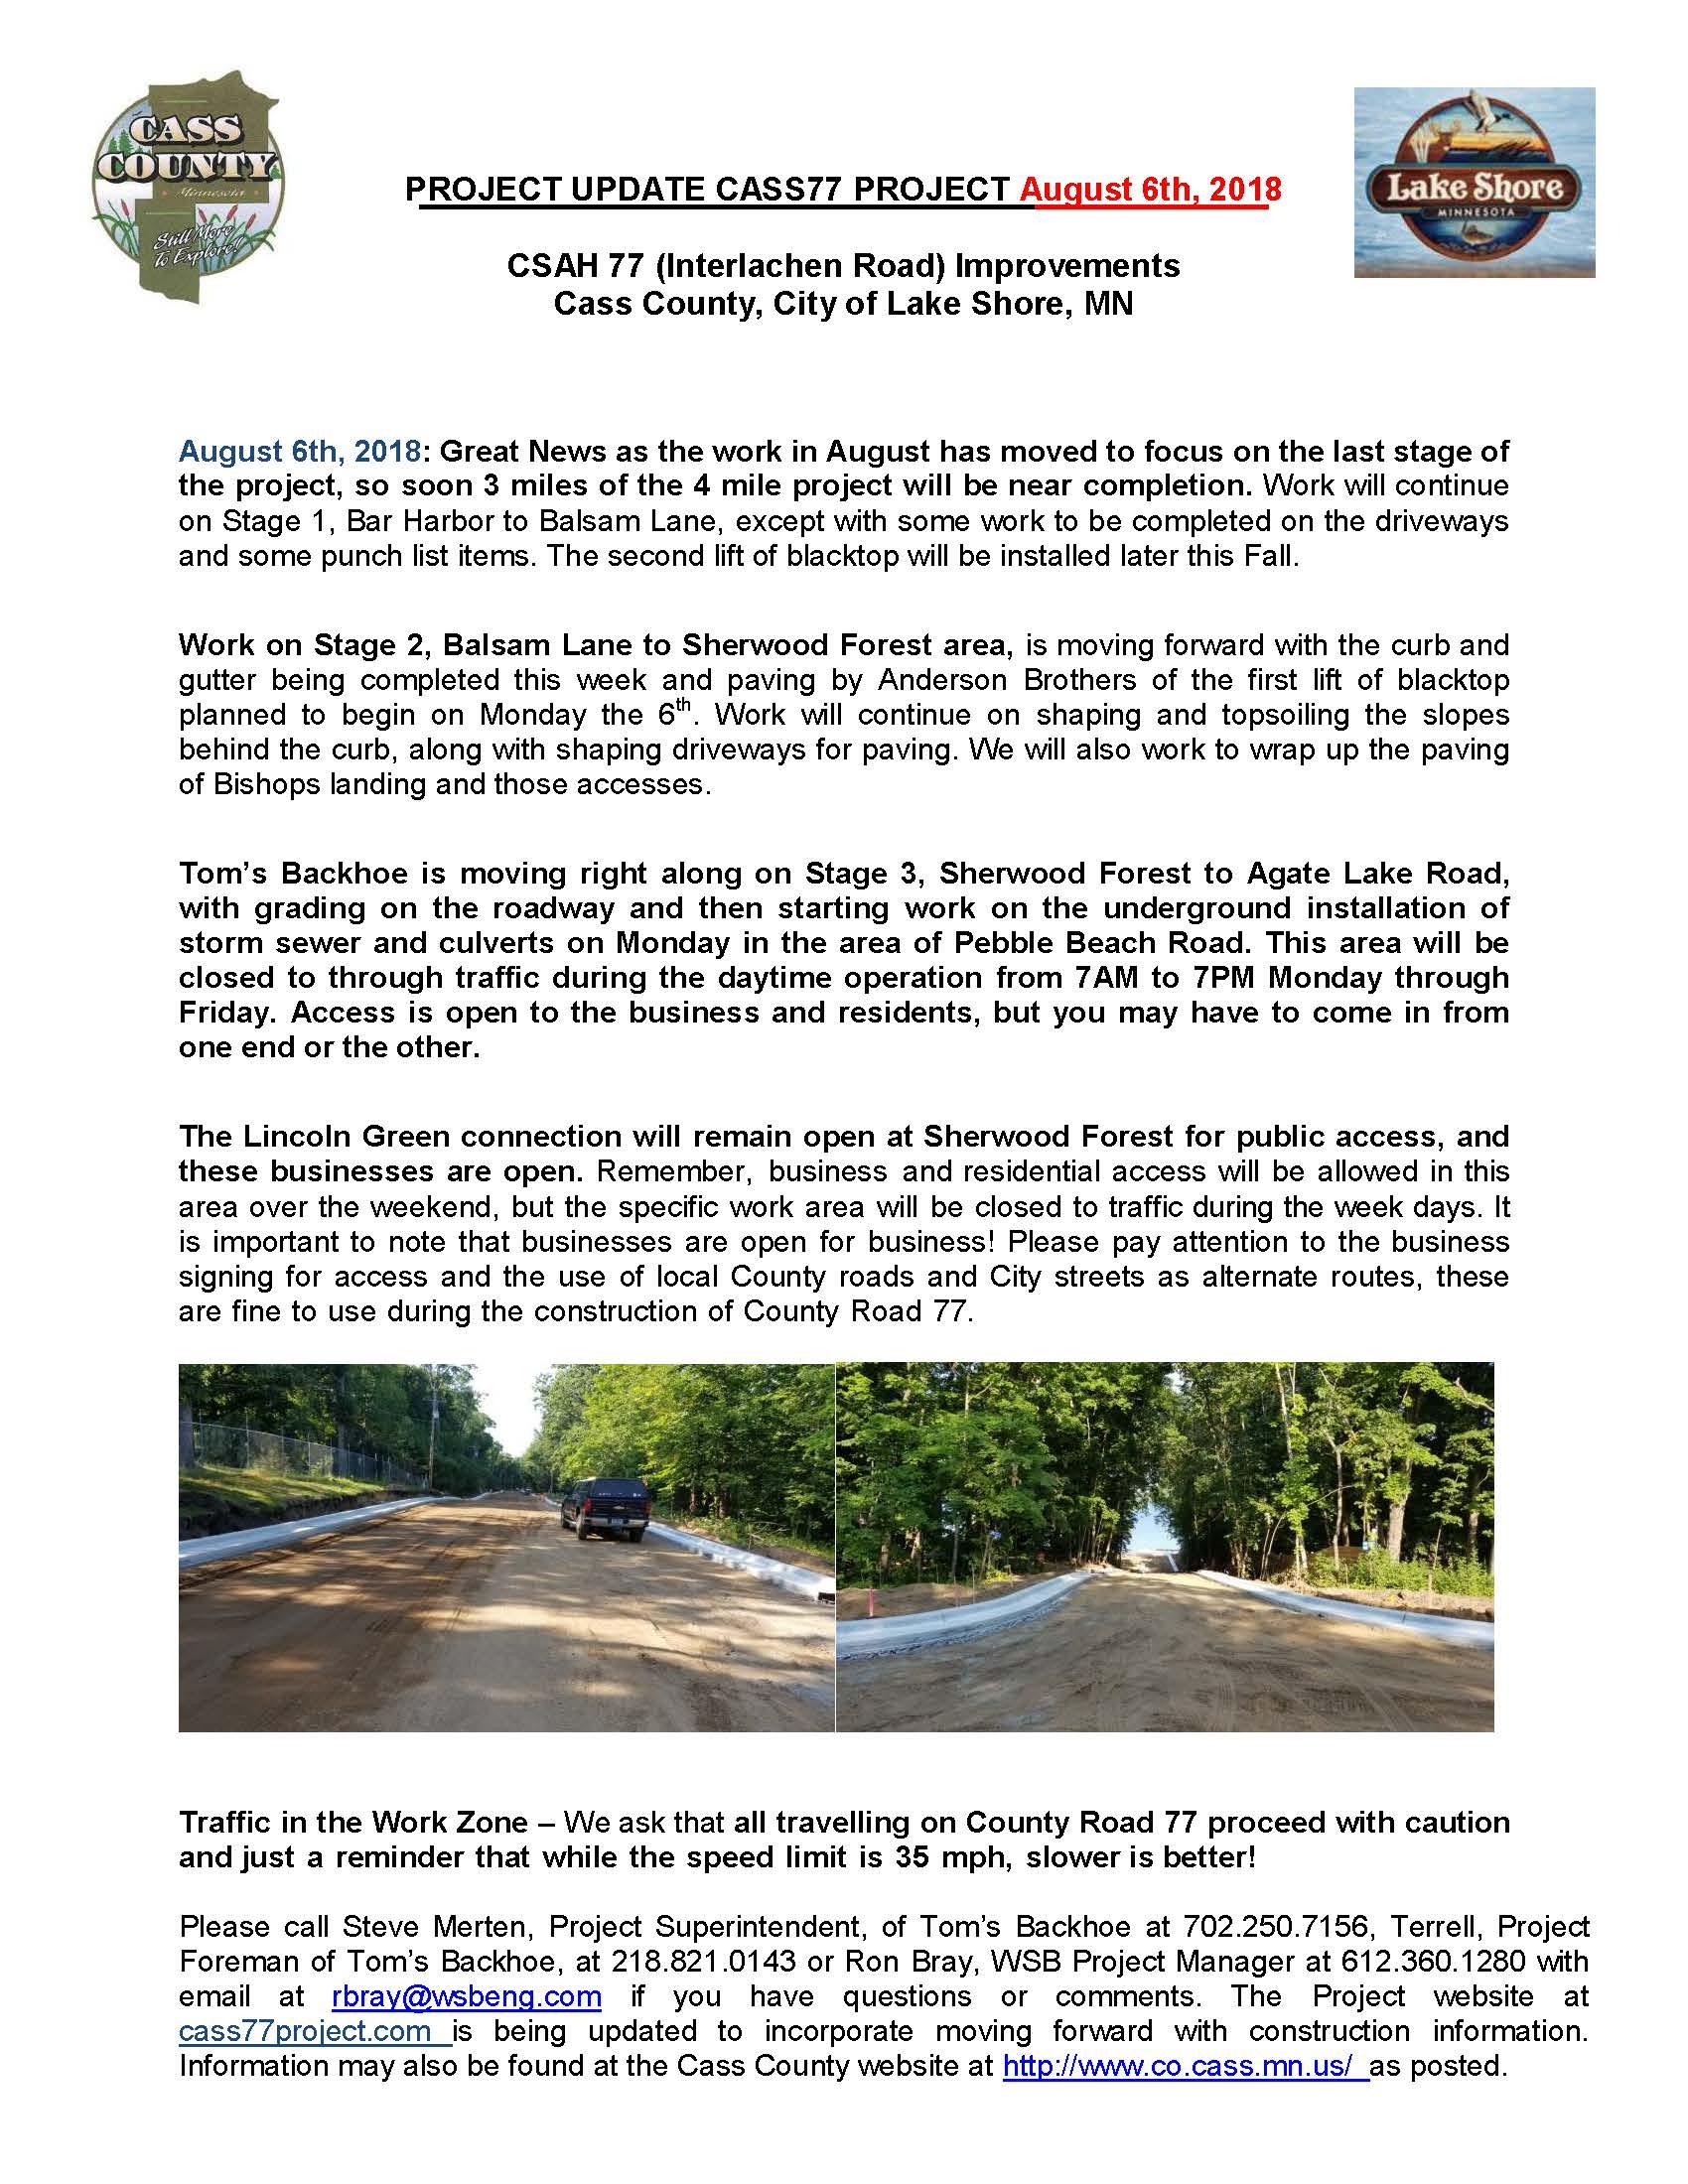 Cass County CSAH 77 Project update August 3 2018.jpg